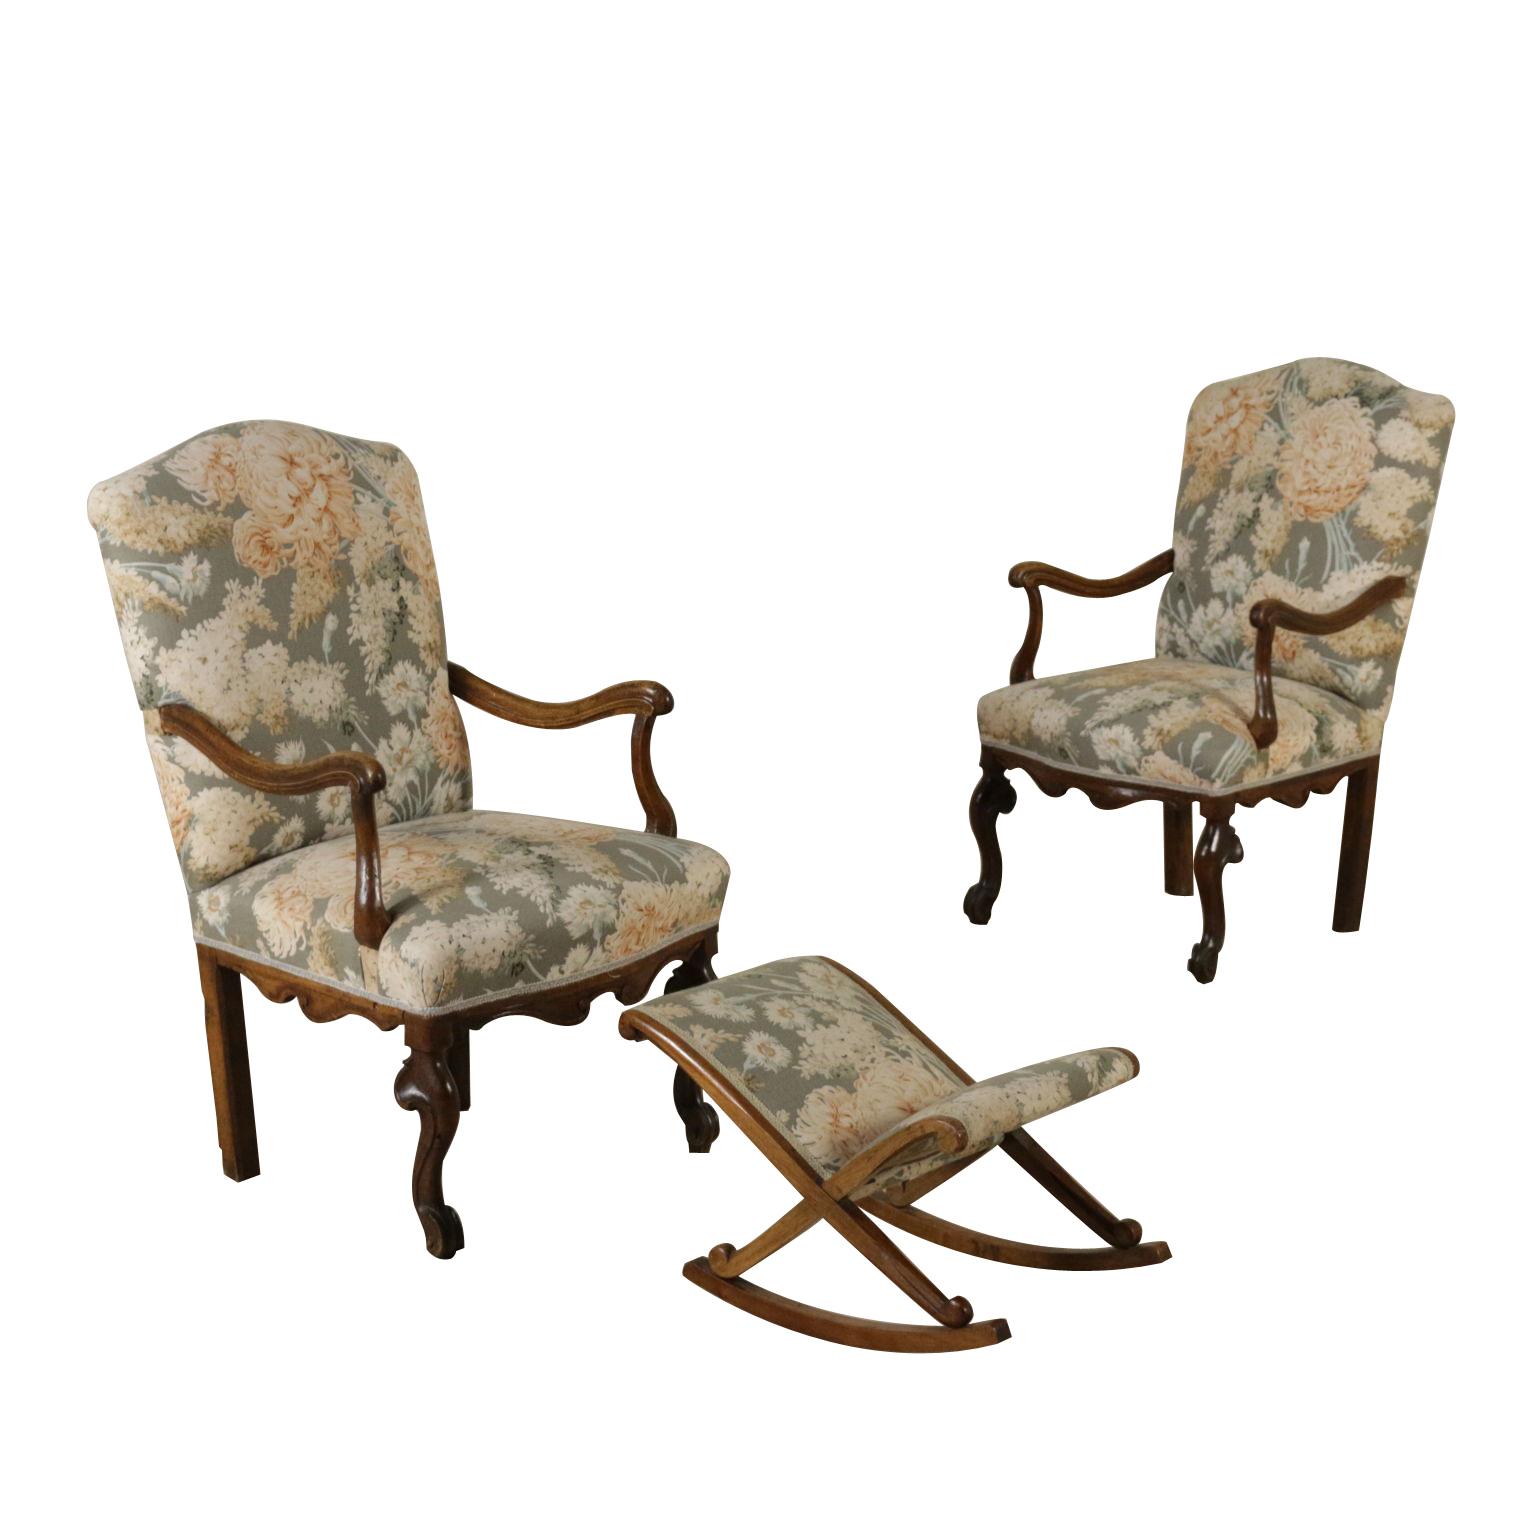 http://www.dimanoinmano.it//img/481207/full/antiquariato/sedie-poltrone-divani/coppia-di-poltroncine-con-poggiapiedi.jpg